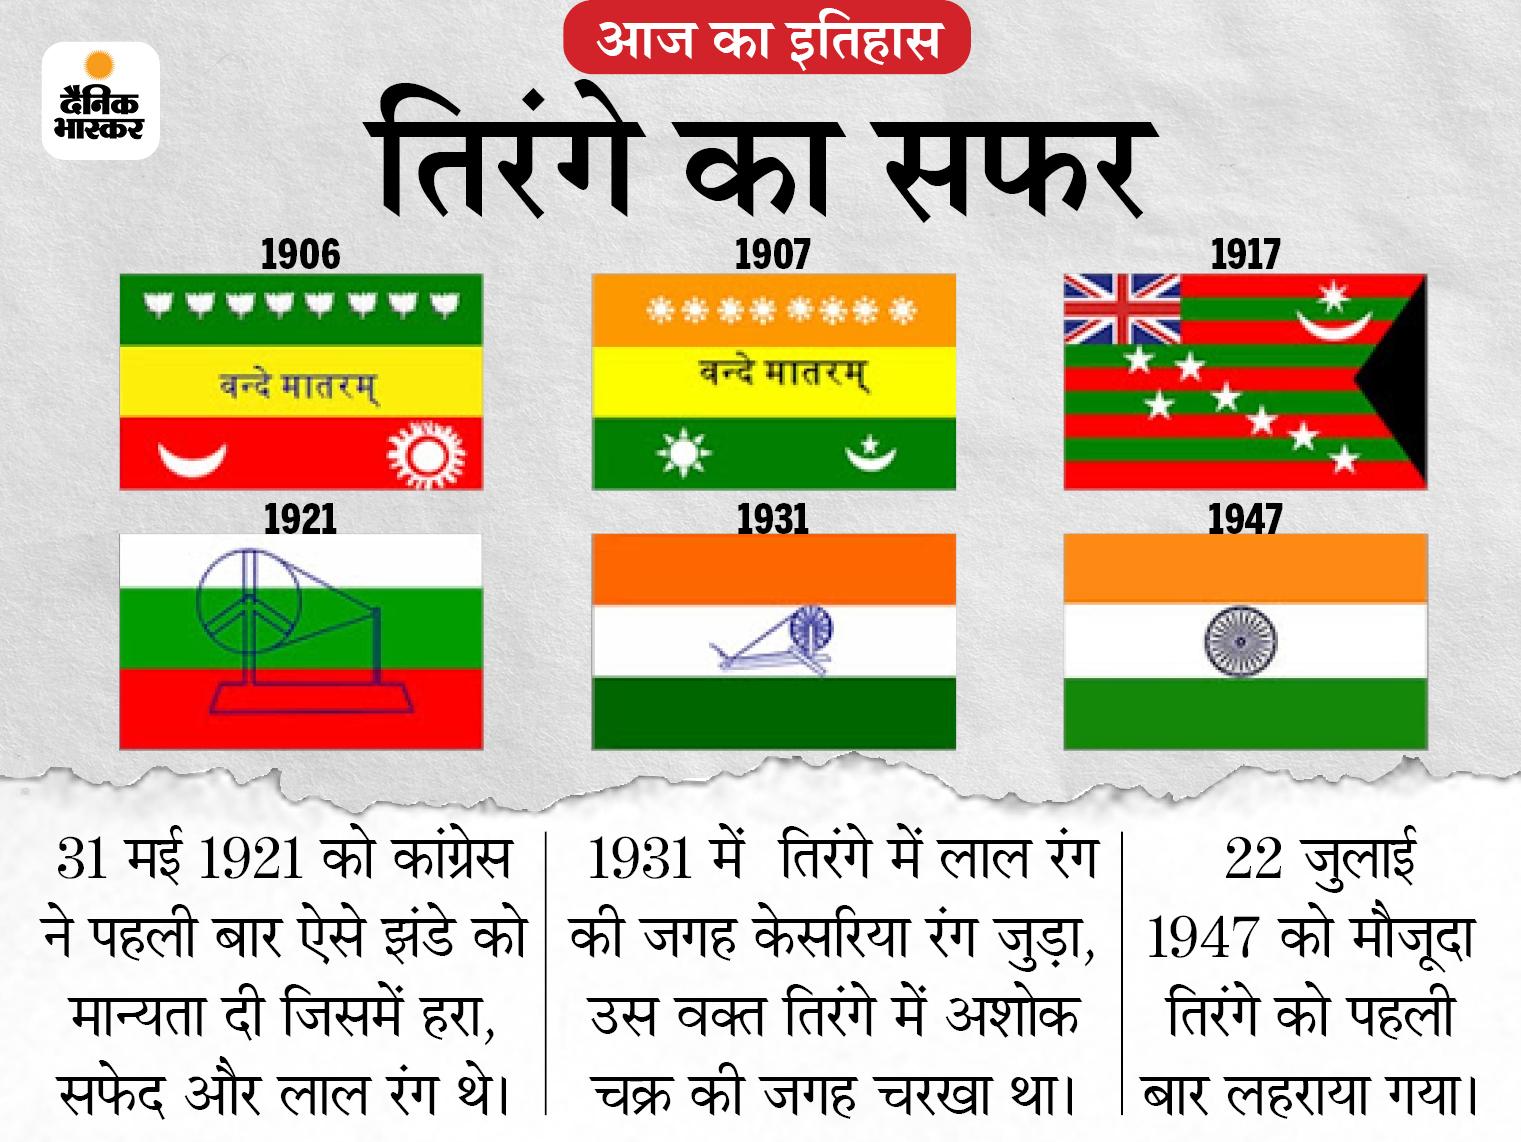 कांग्रेस ने आज ही पार्टी के झंडे को दी थी अनौपचारिक मान्यता, कुछ बदलावों के बाद यही झंडा भारत का तिरंगा बना|देश,National - Dainik Bhaskar